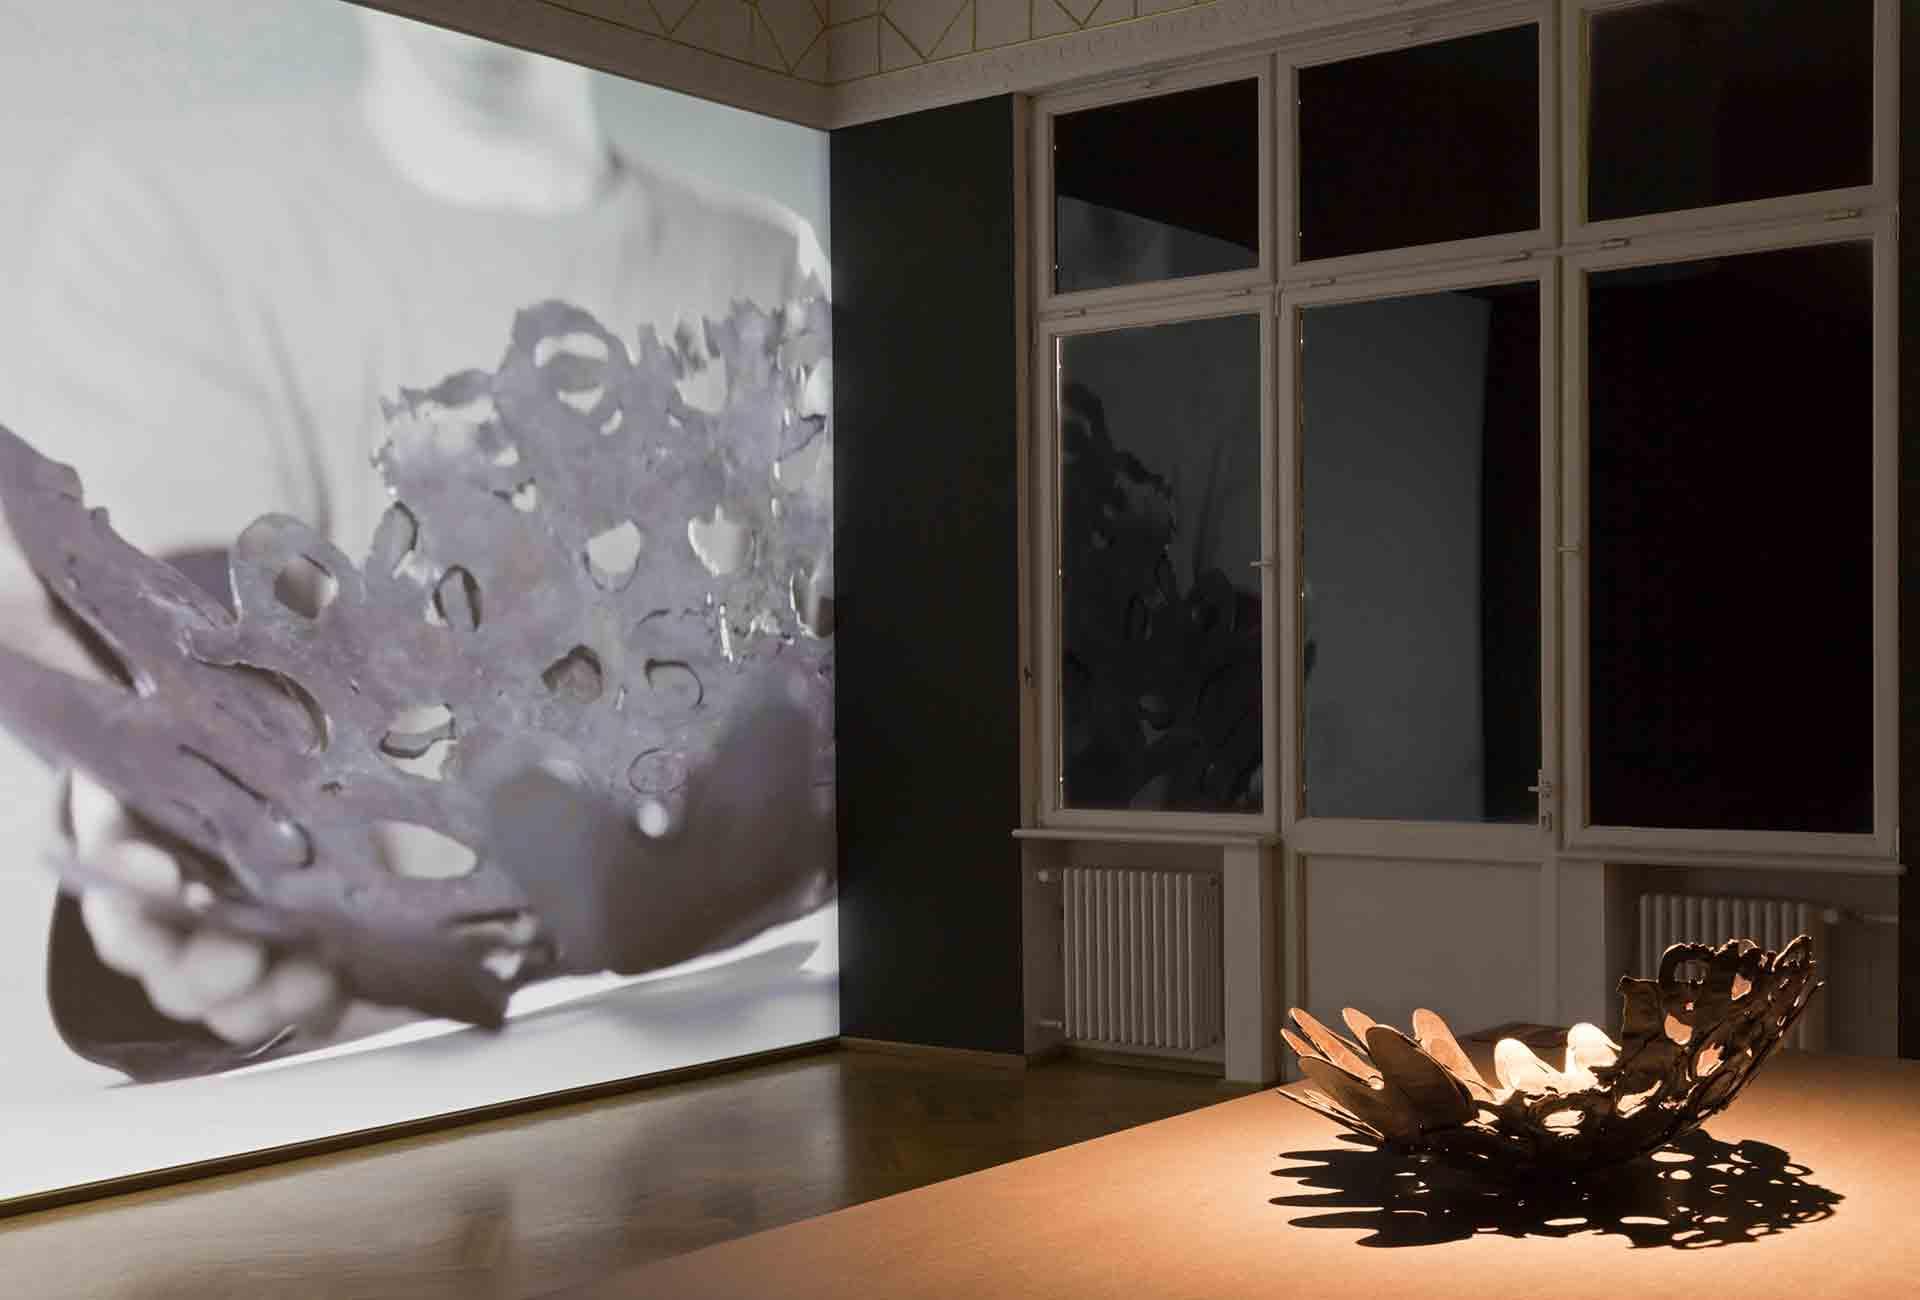 Danner-Preis, Hiawatha-Seiffert, Photo Eva Jünger